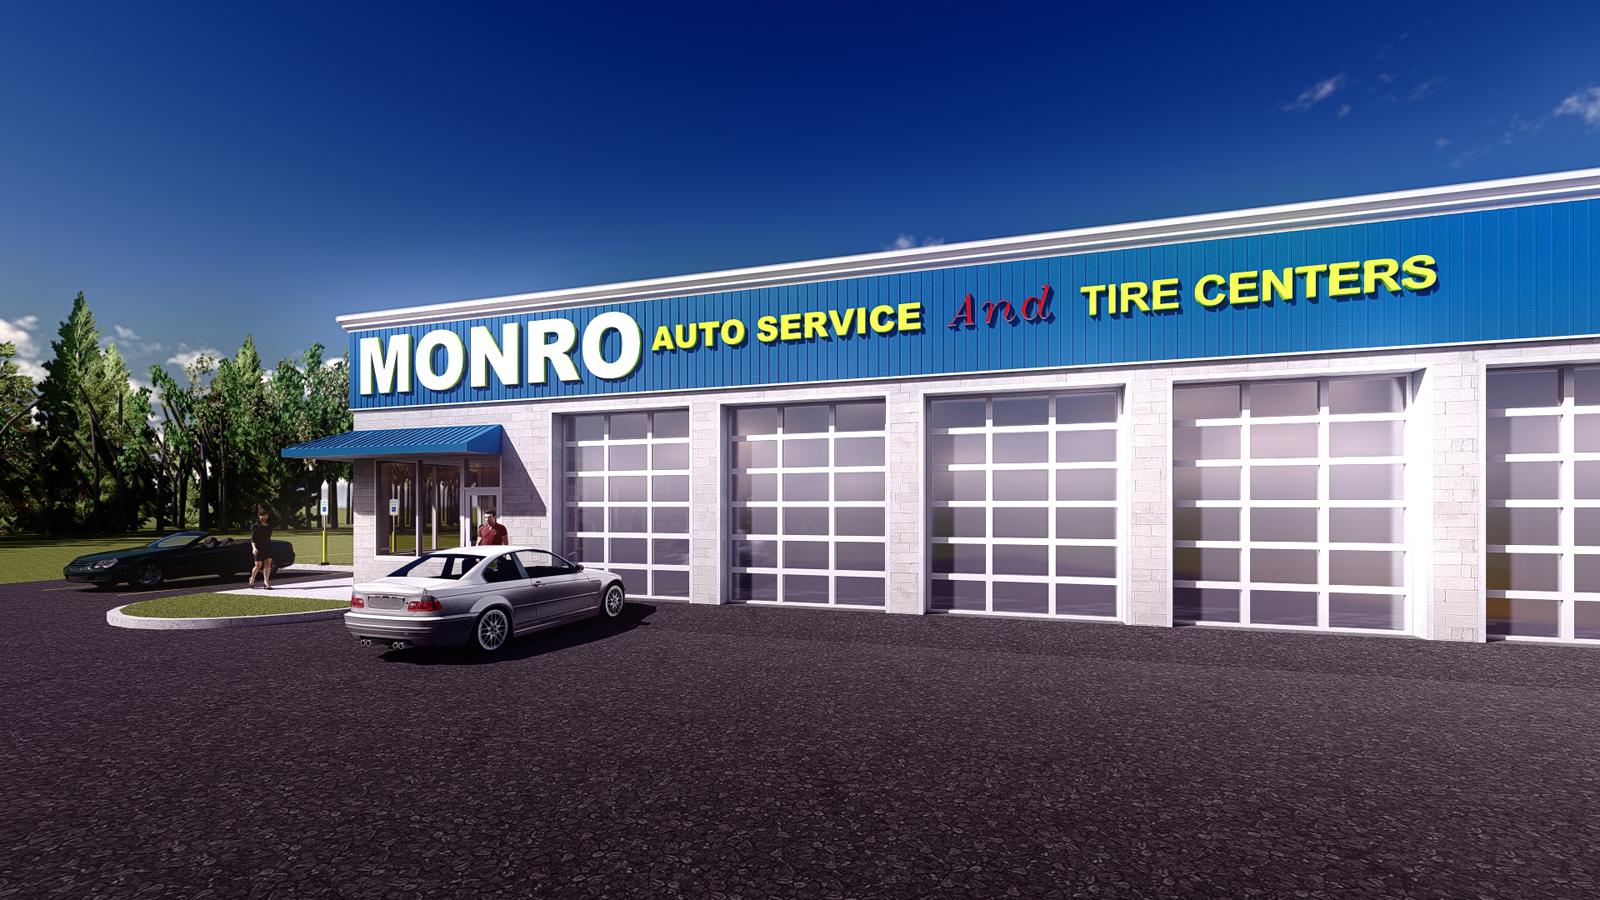 monro-auto-service-and-tire-center-2.jpg